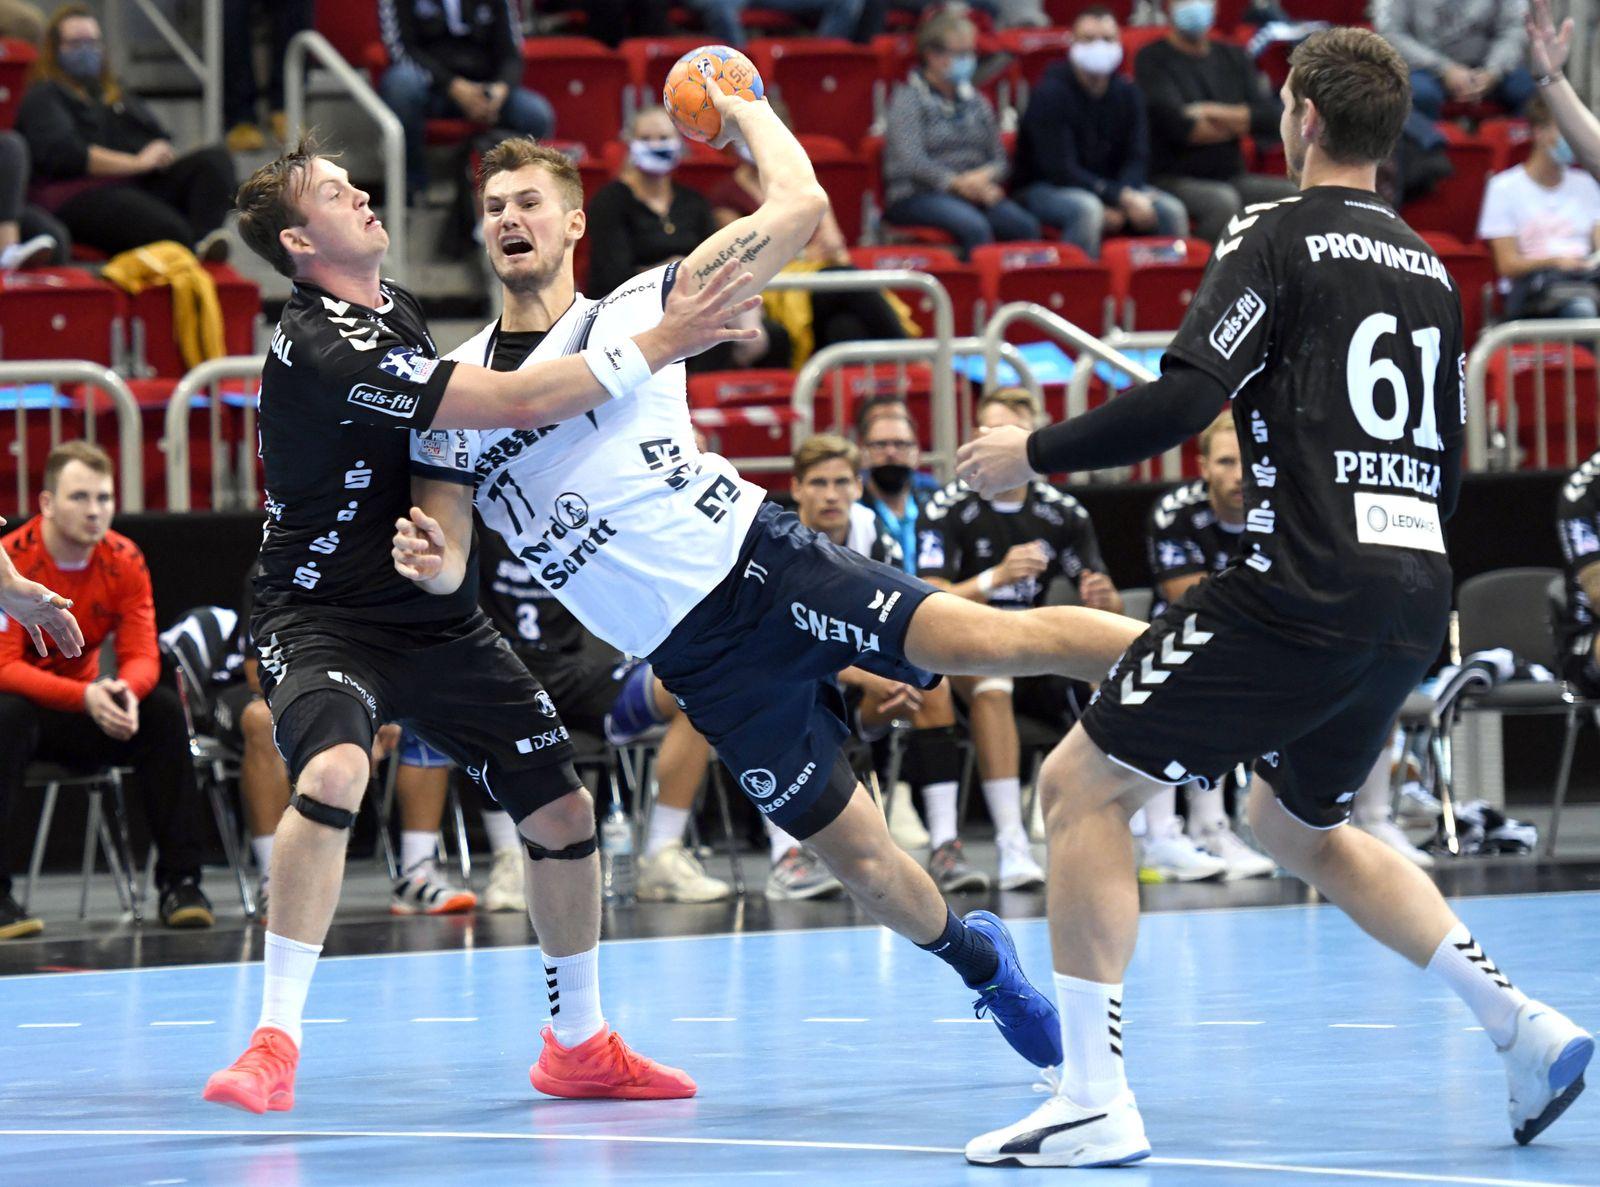 Handball Supercup: THW Kiel - SG Flensburg-Handewitt 26.09.2020 in Düsseldorf. Sander Sagosen (Kiel) versucht Magnus Rö